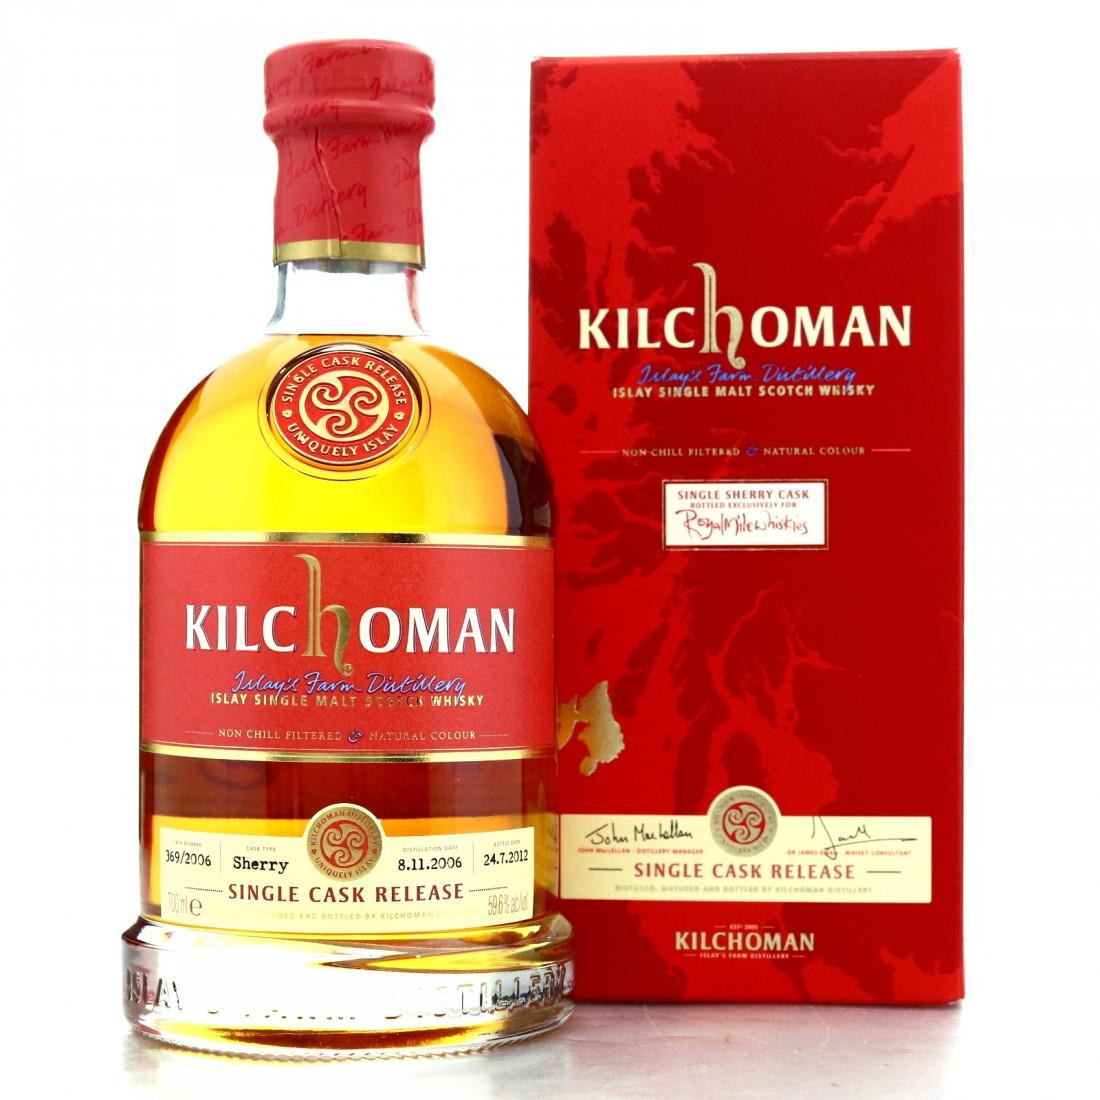 Kilchoman 20086 Single Cask #369 / Royal Mile Whiskies